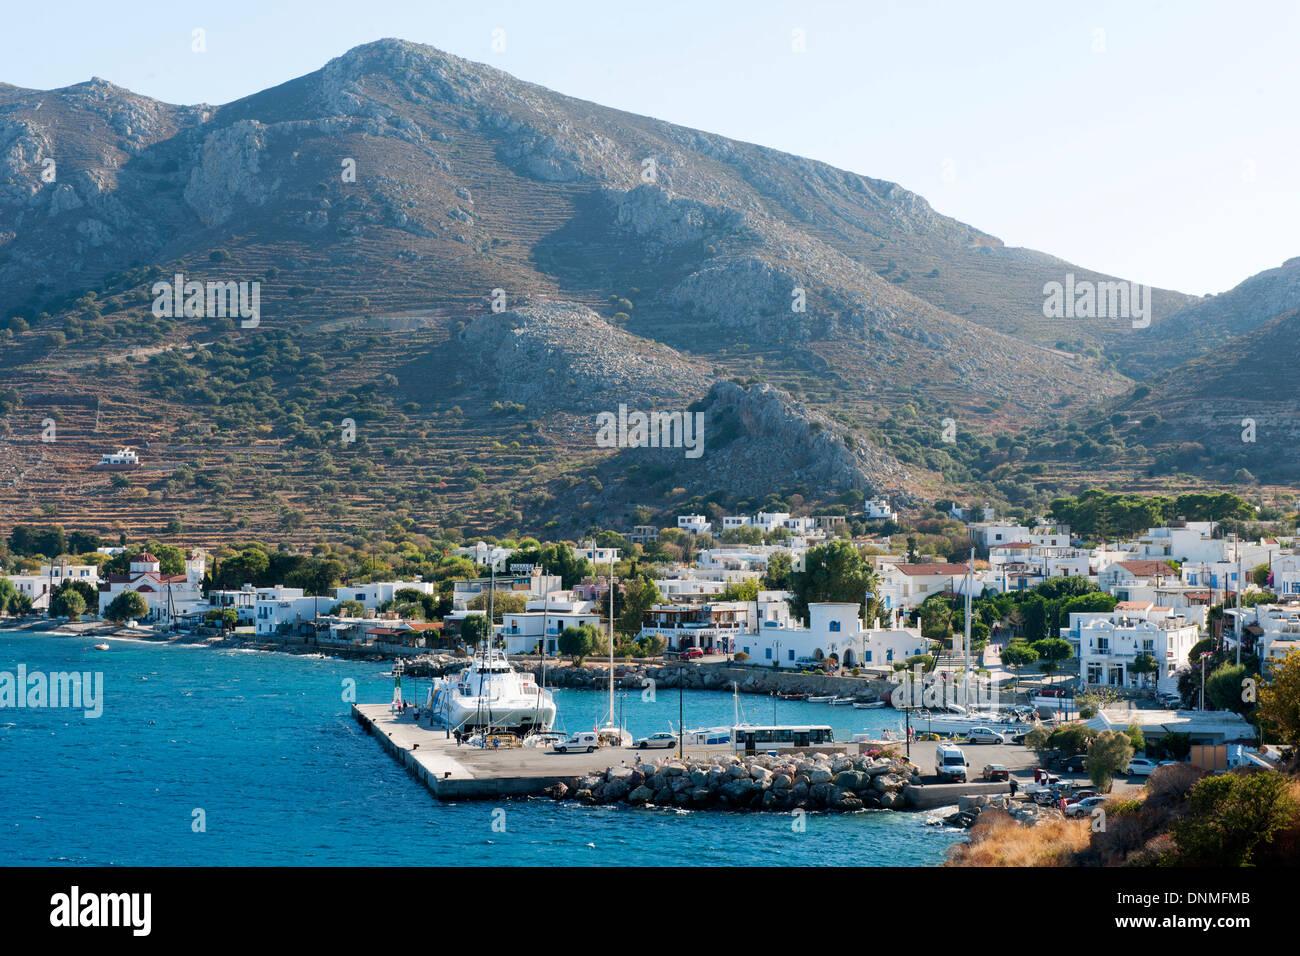 Griechenland, Insel Tilos Hafenort Livadia Stockbild